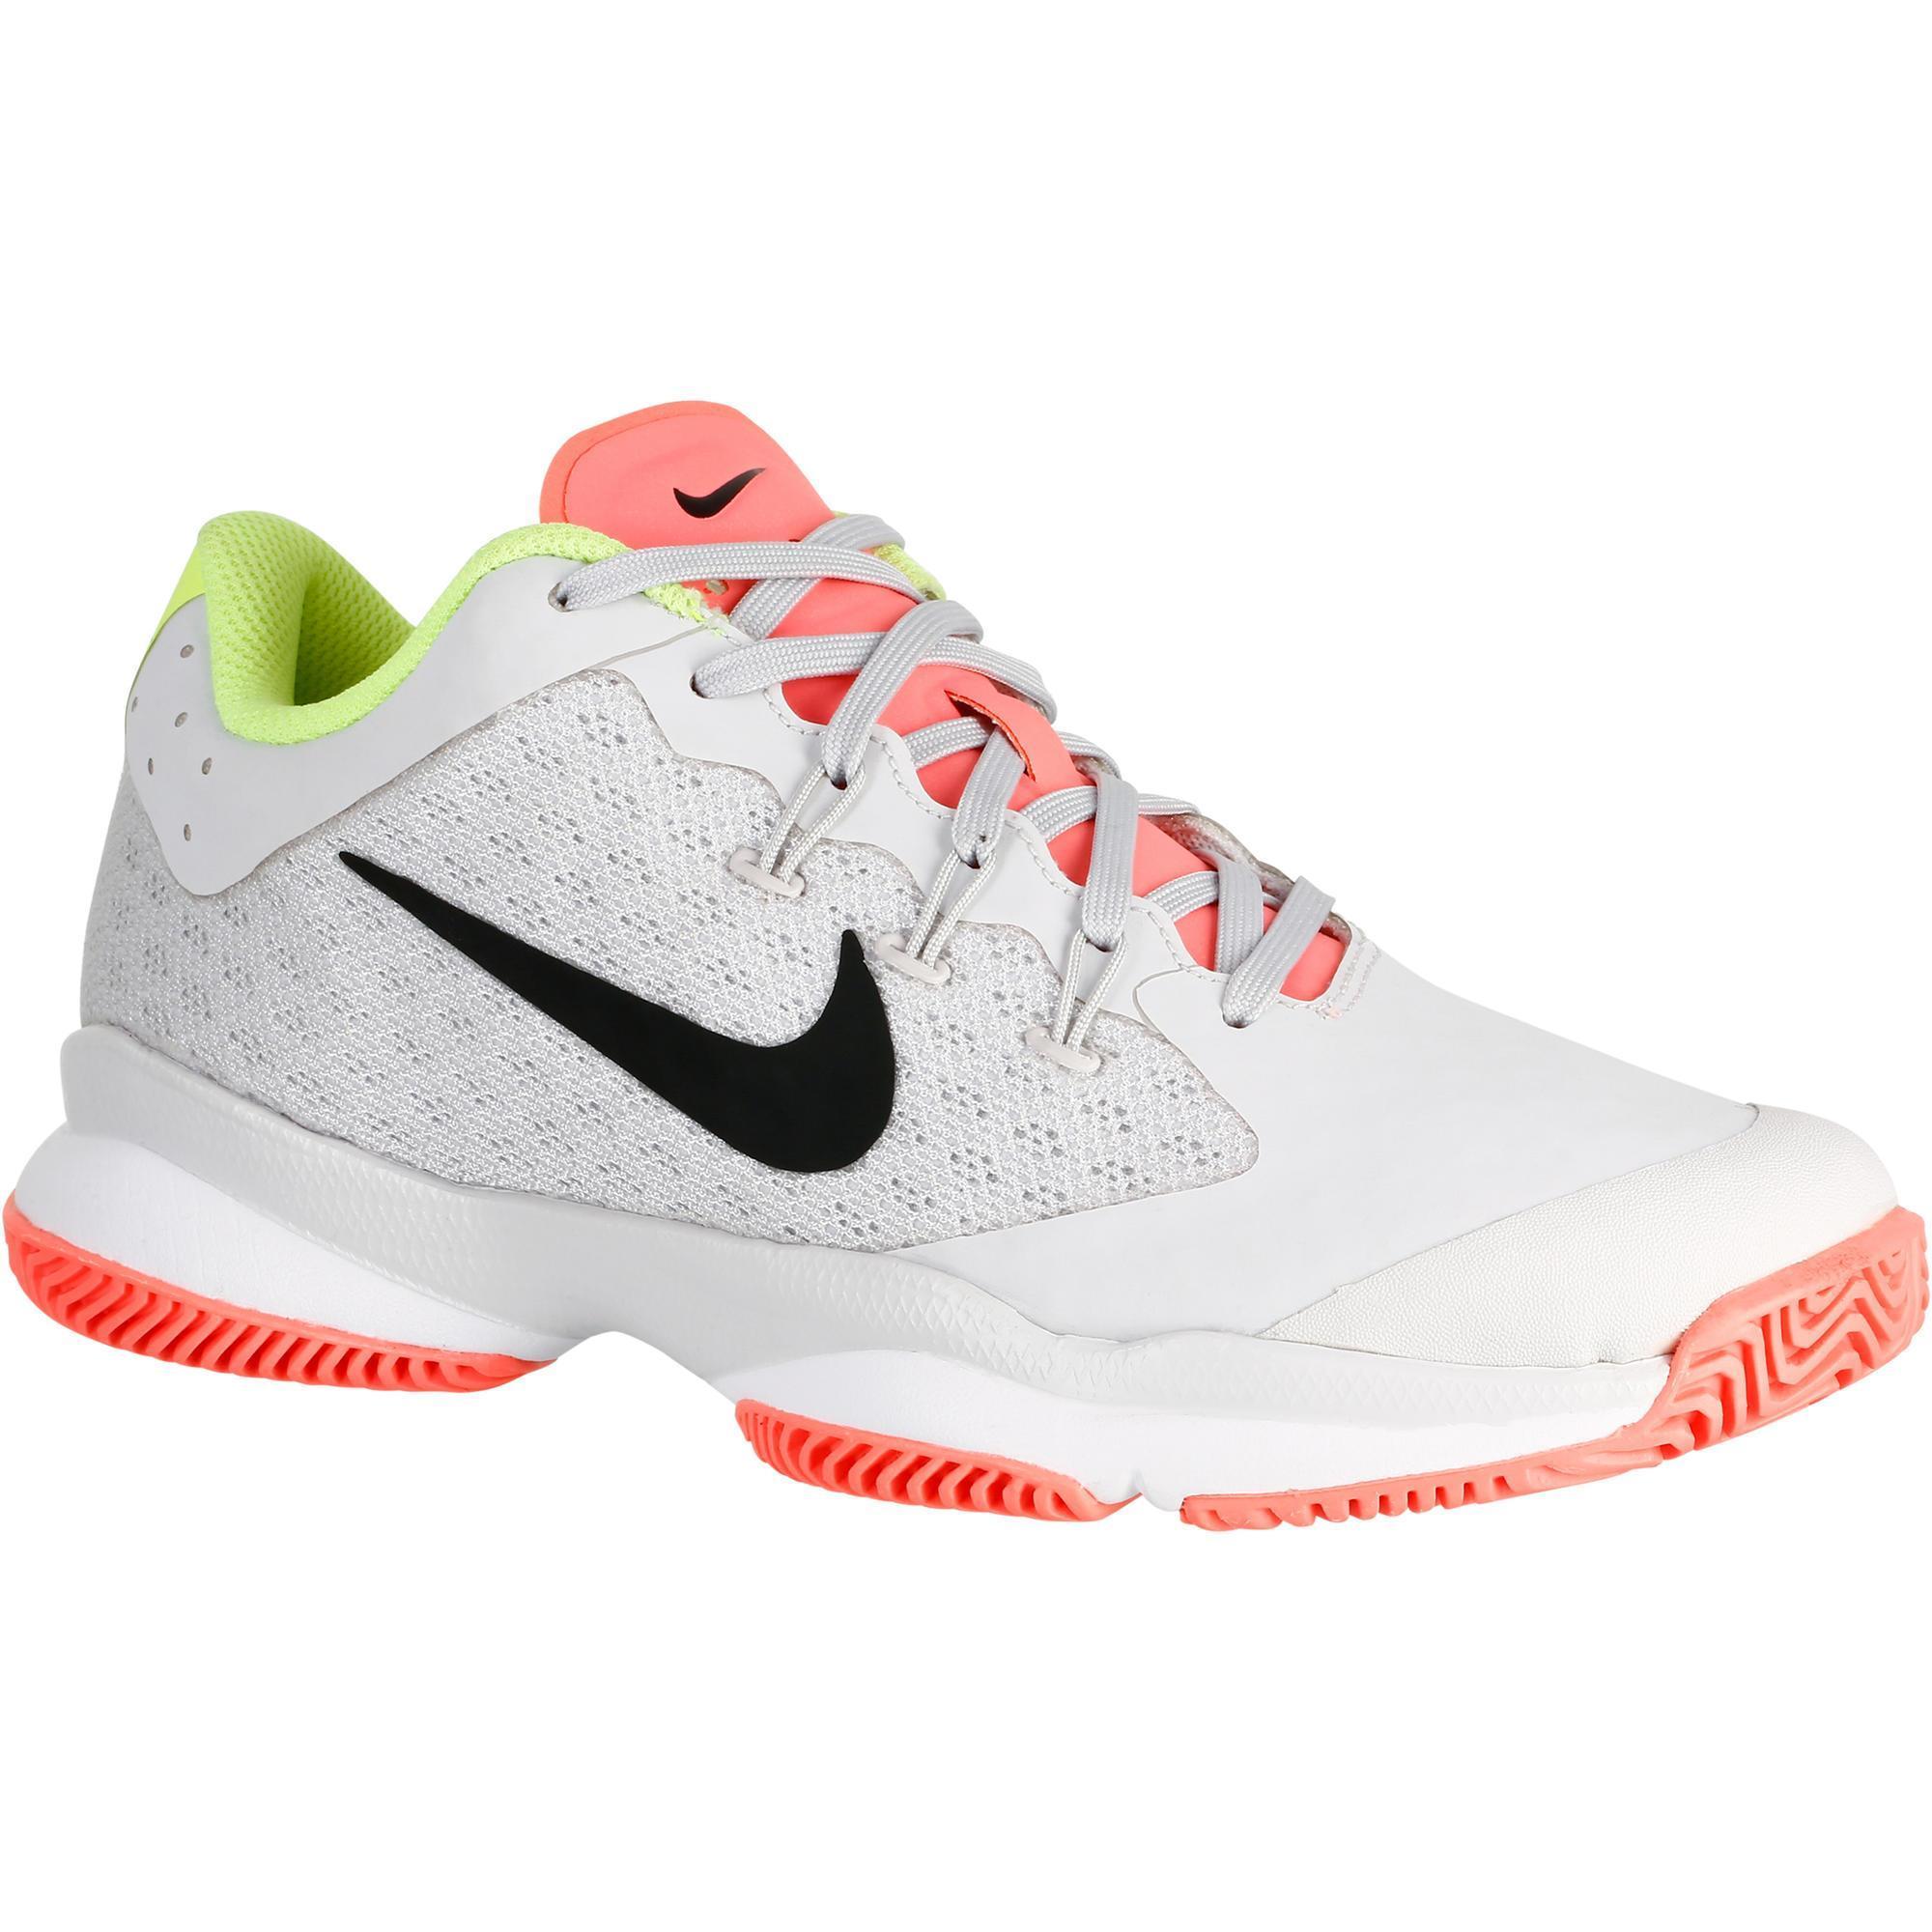 Nike Tennisschoenen dames Zoom Ultra Volt grijs